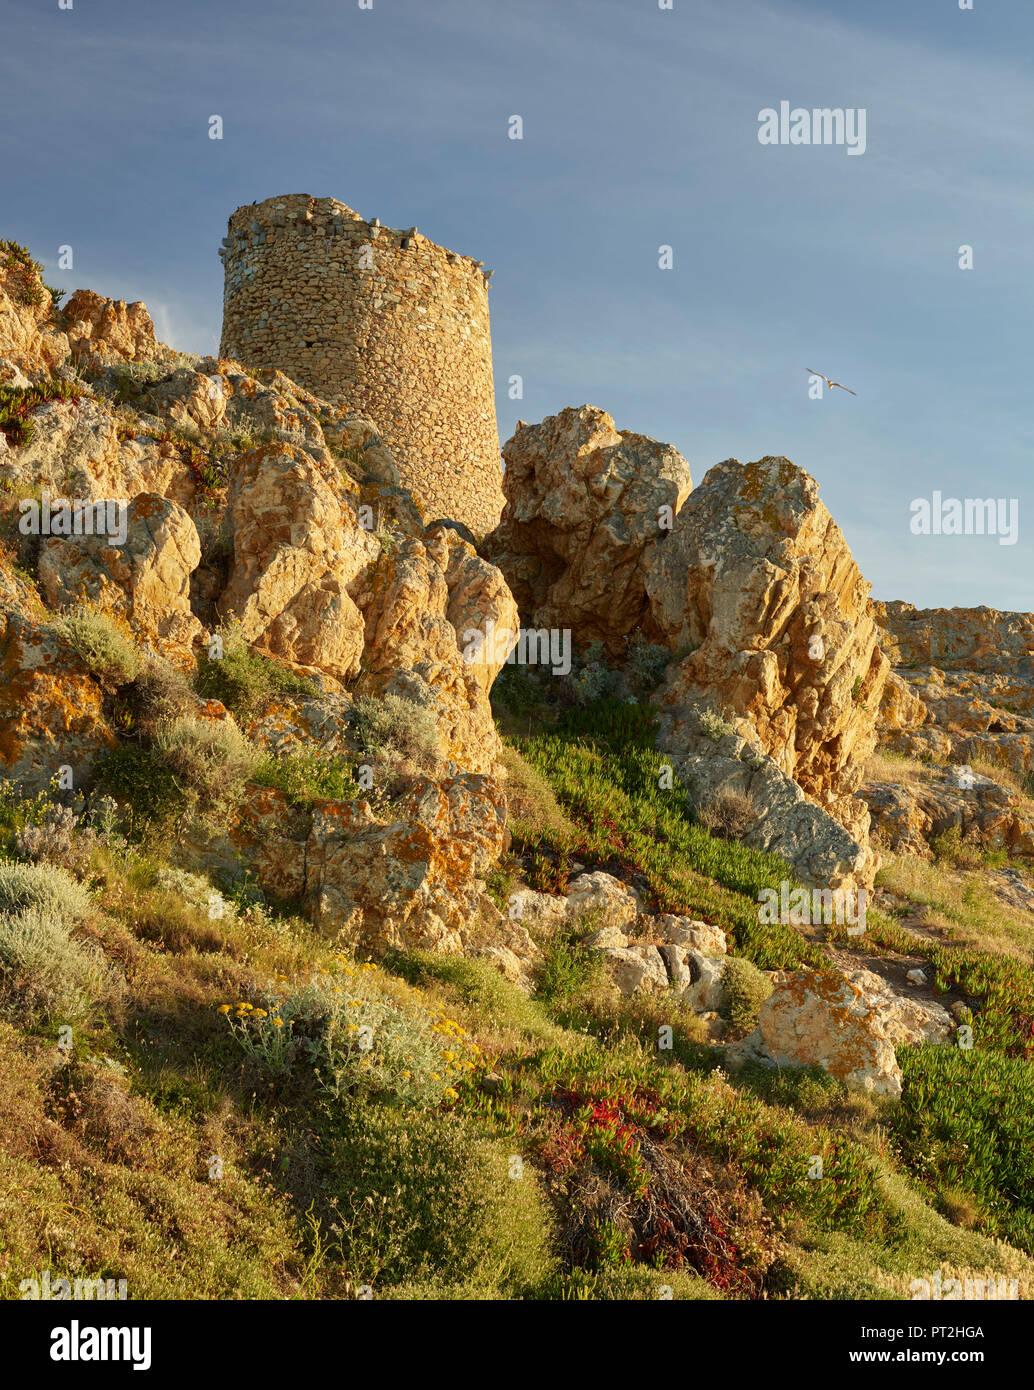 La Tour Génoise, L'Ile Rousse, Corsica, France - Stock Image